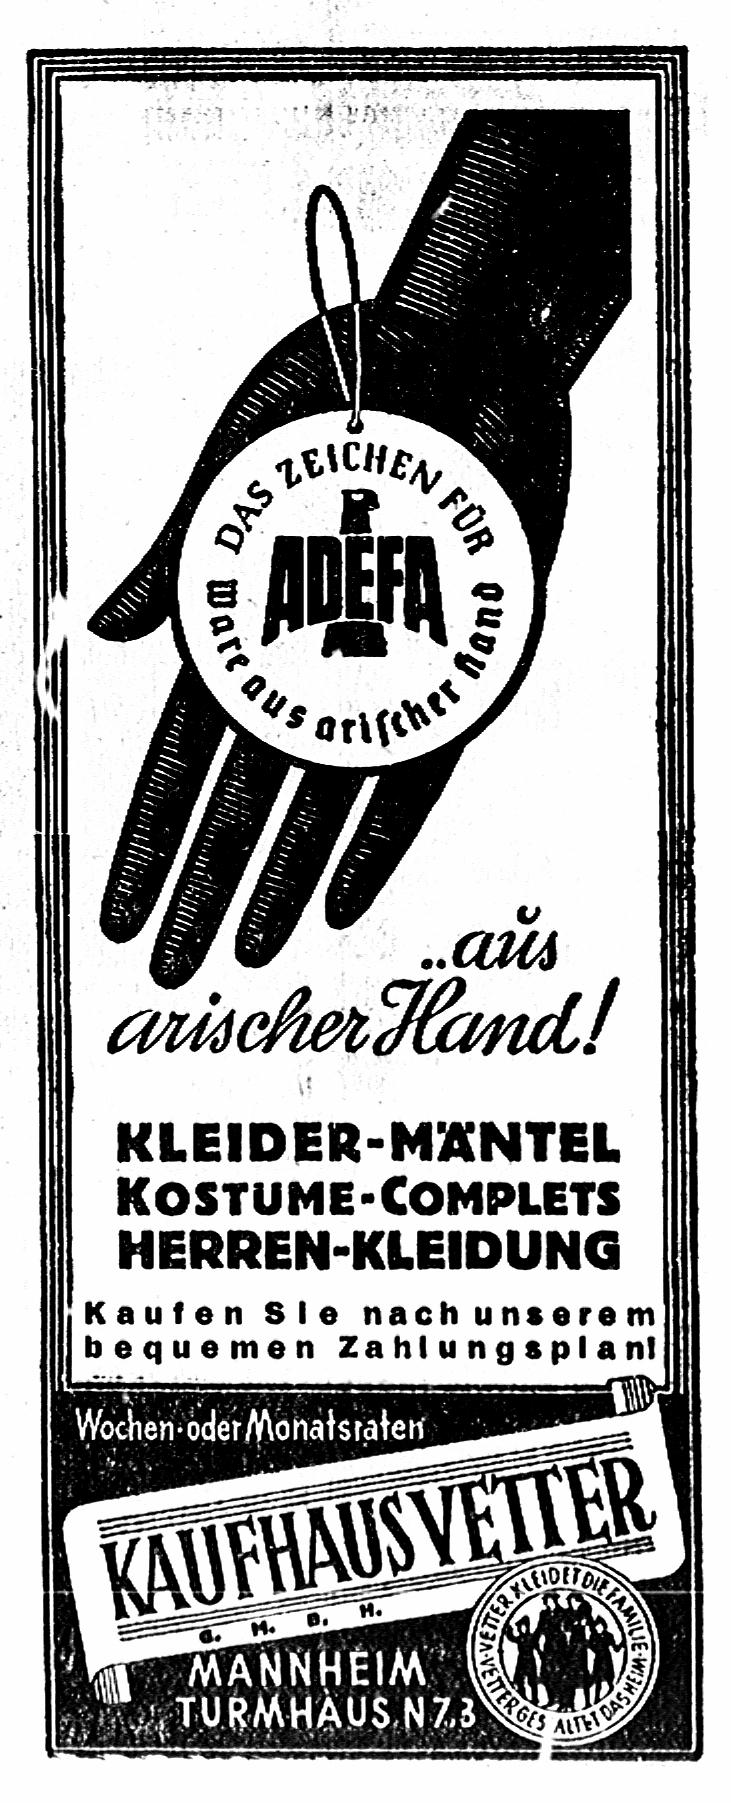 adefa, Ware aus arischer Hand